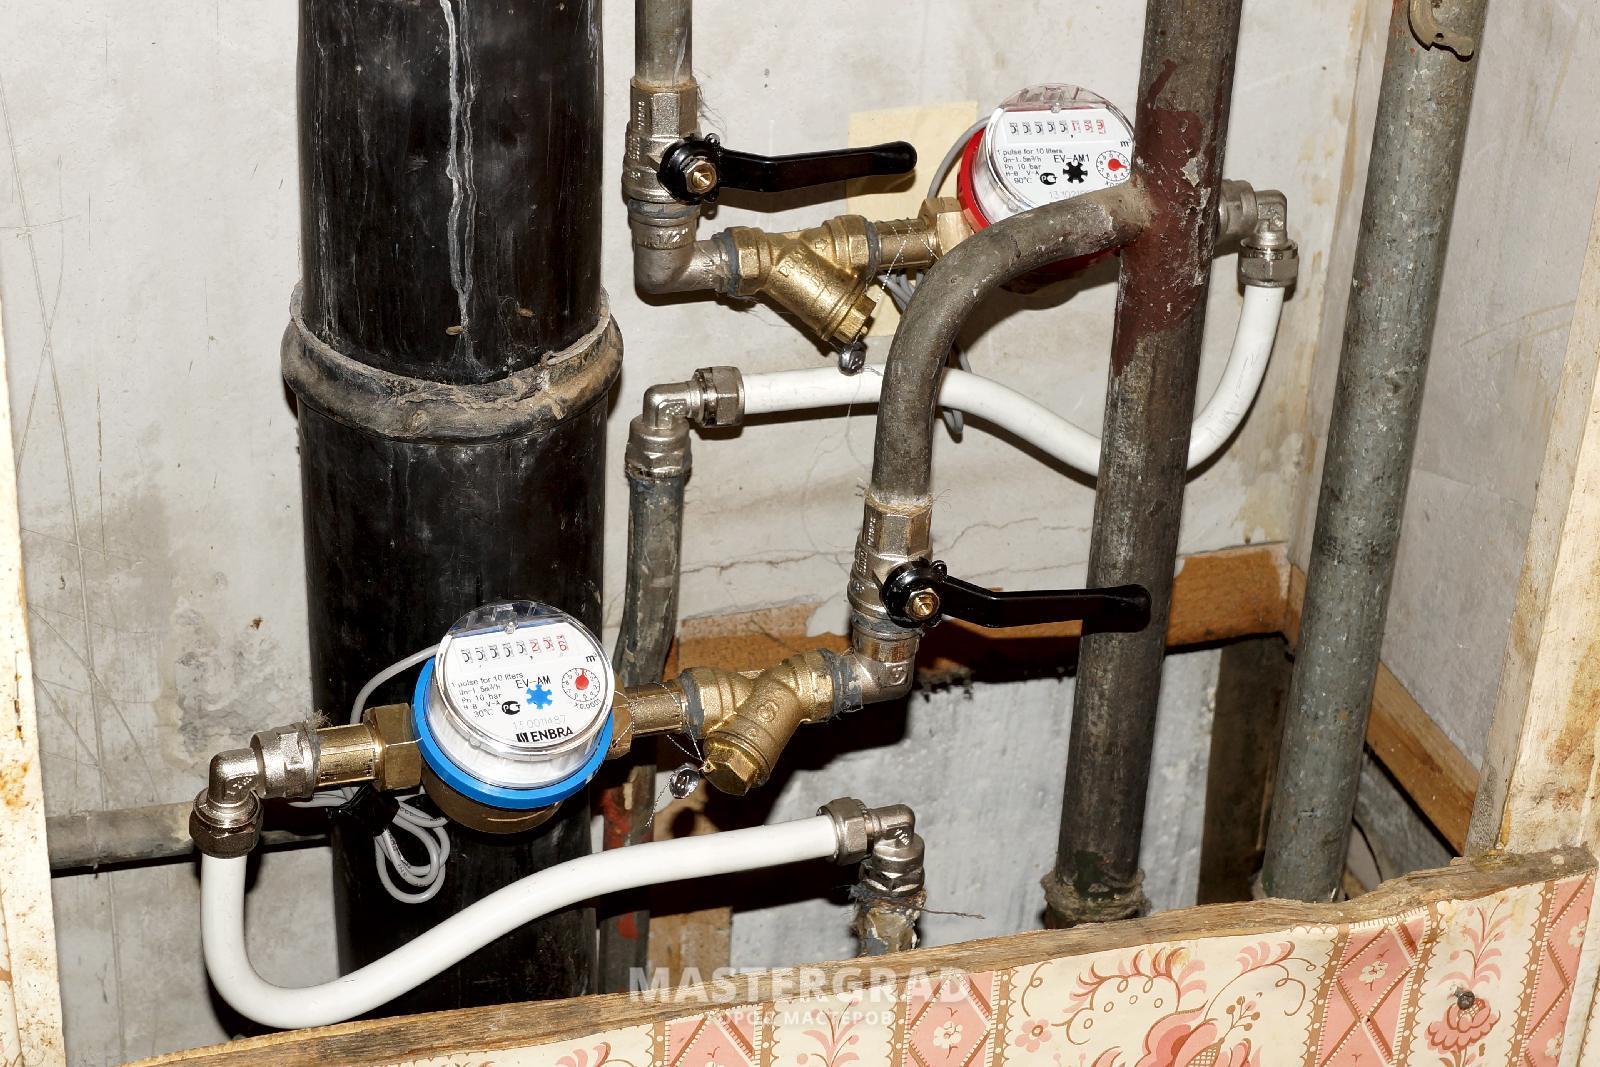 Установка счетчиков воды в квартире или доме самостоятельно 21